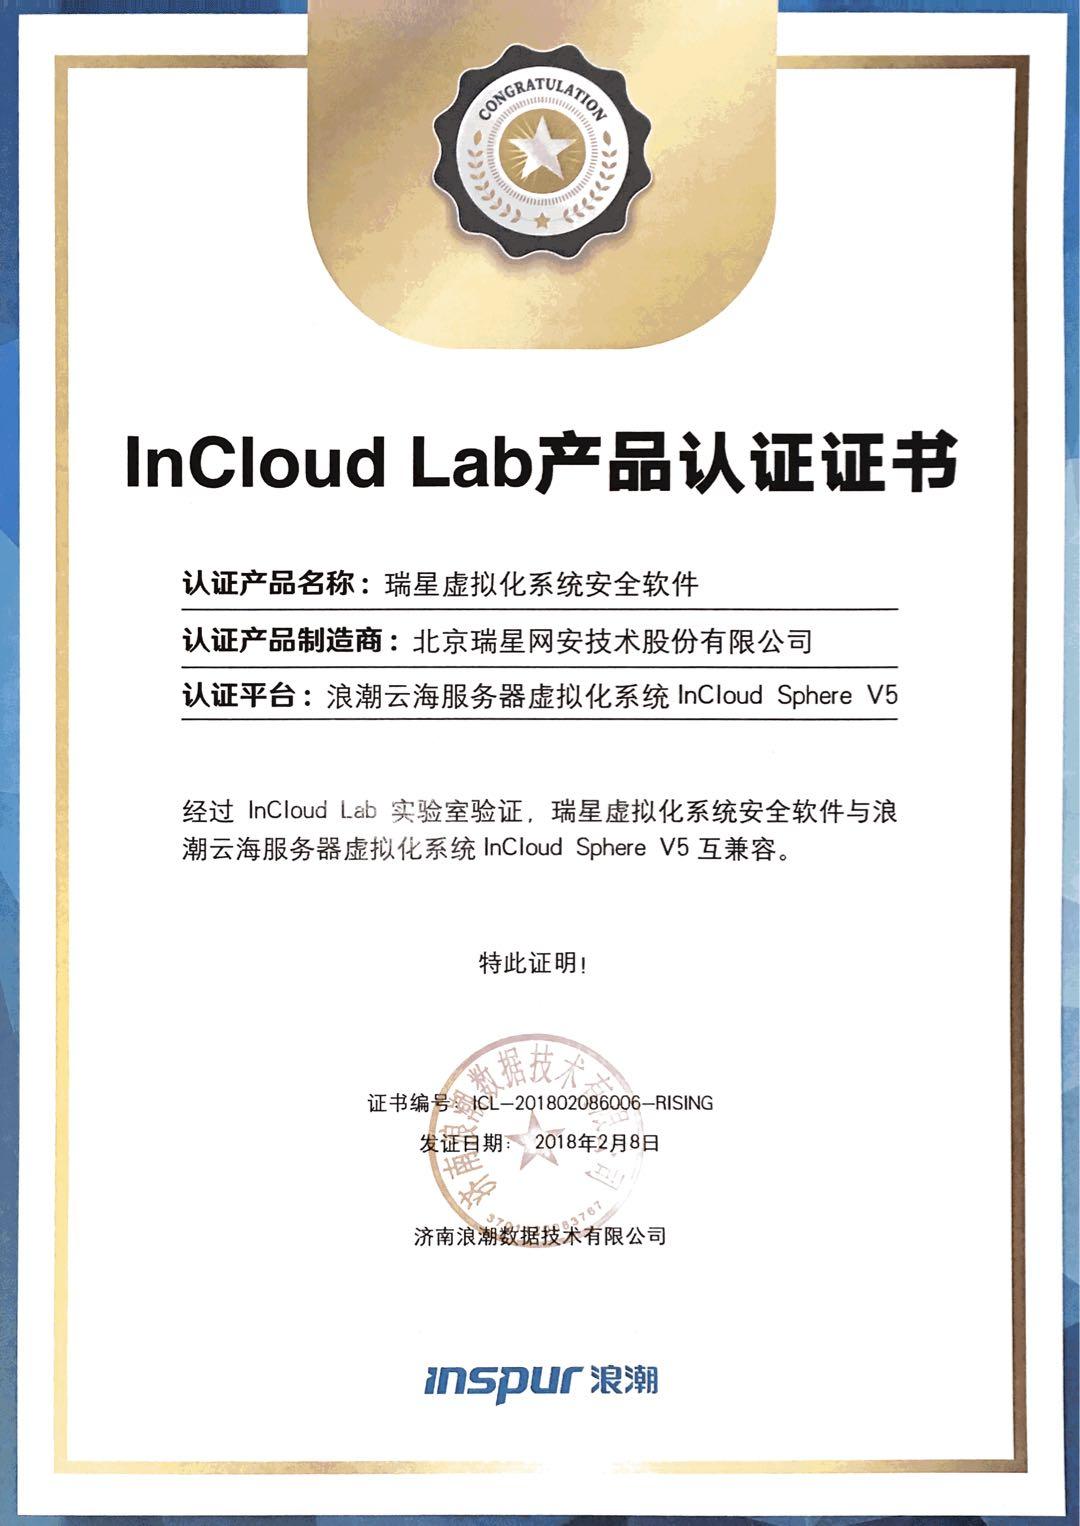 瑞星虚拟化系统安全软件荣获浪潮InCloud Lab产品认证证书